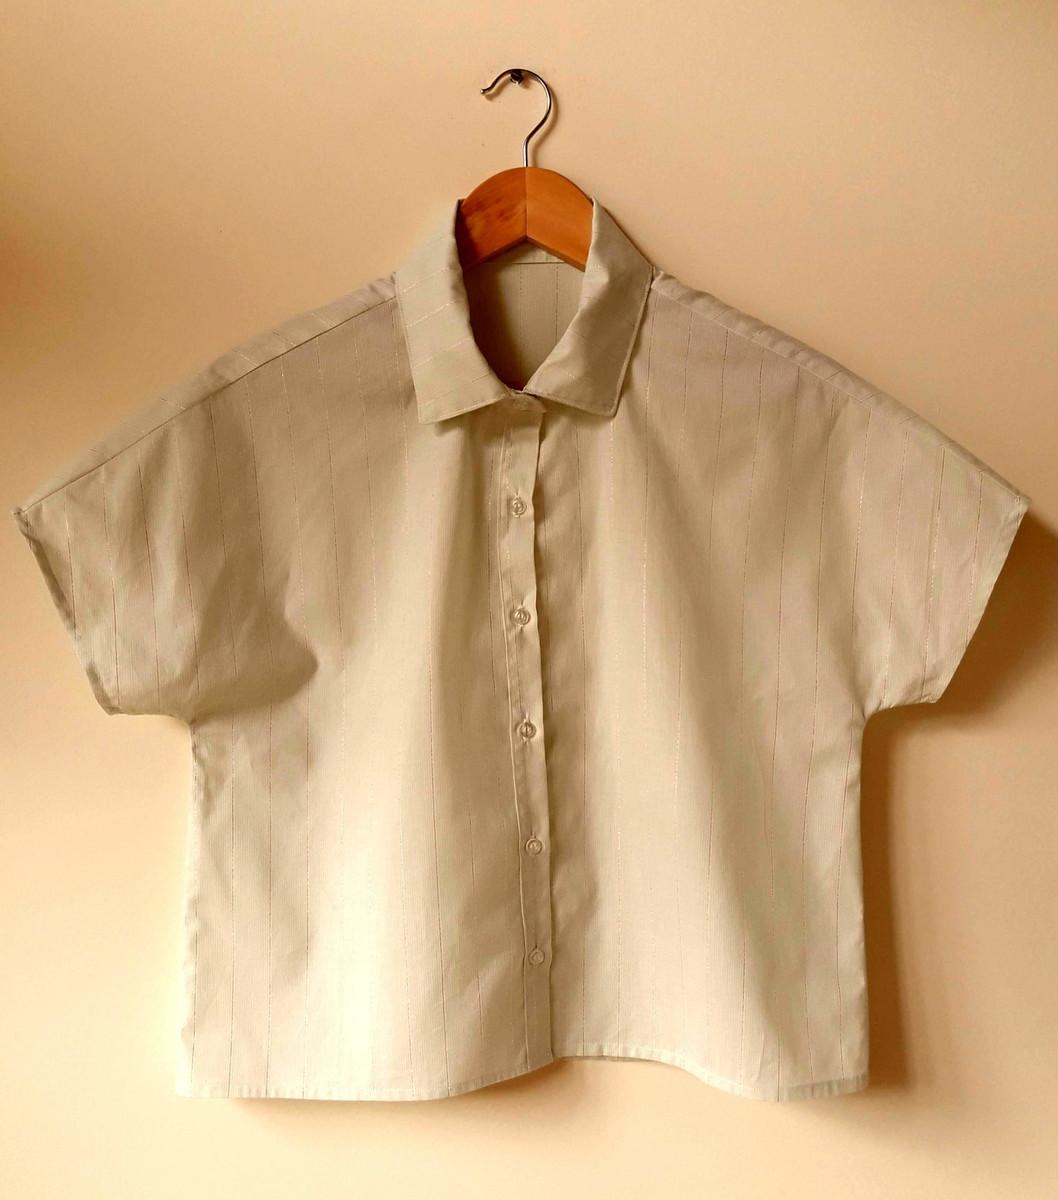 c89e810ee3 Molde digital camisa feminina verbena Tamanhos PP ao XGG no Elo7 ...